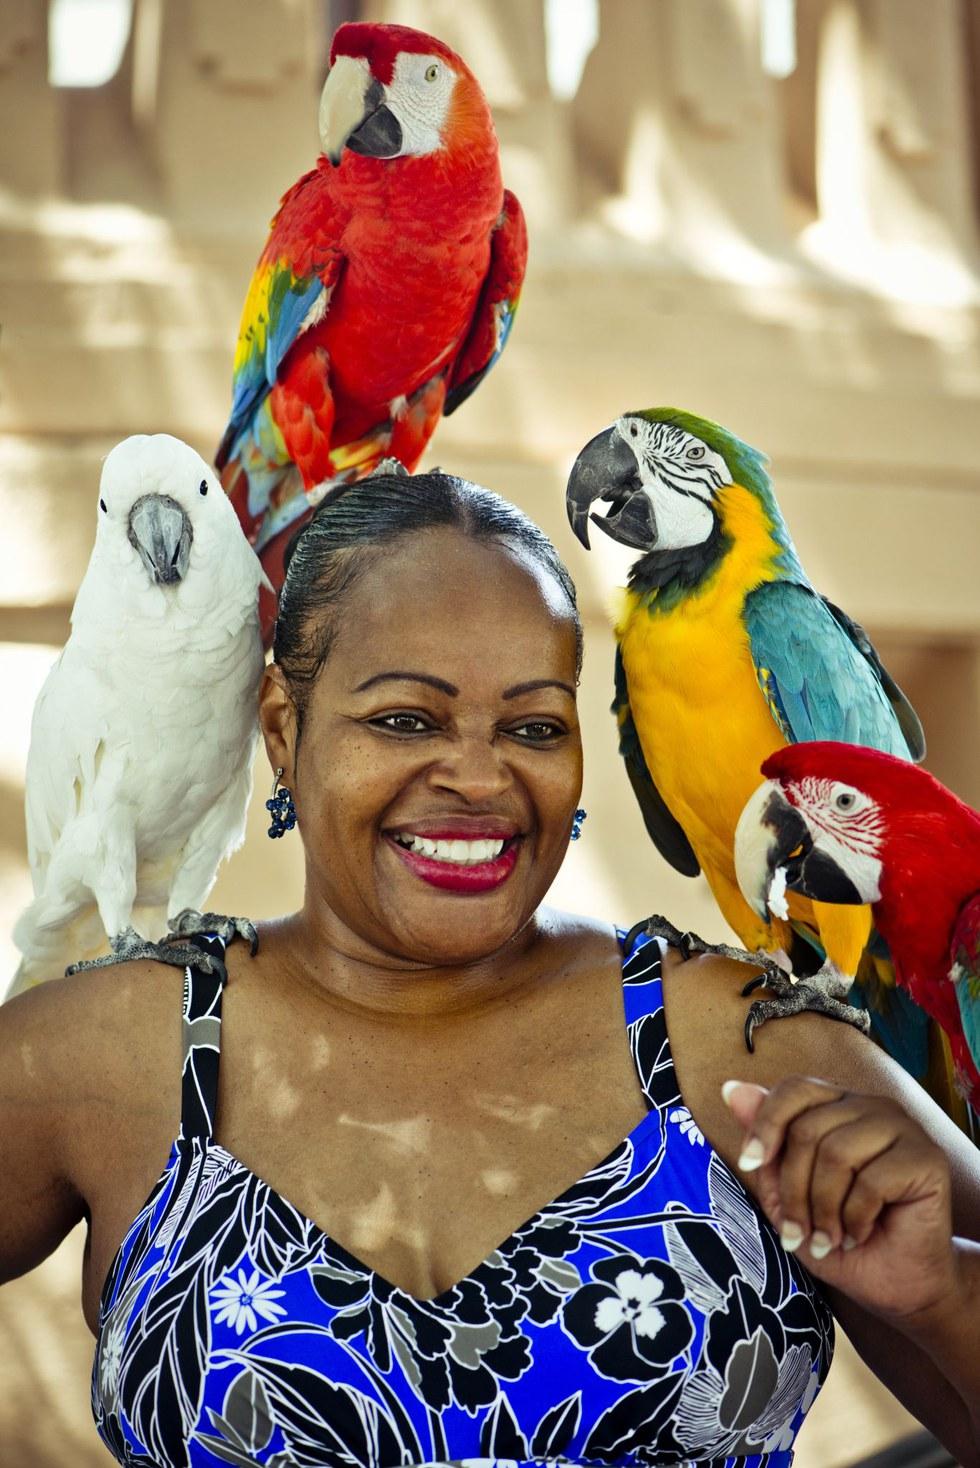 A bird-loving Old San Juan local